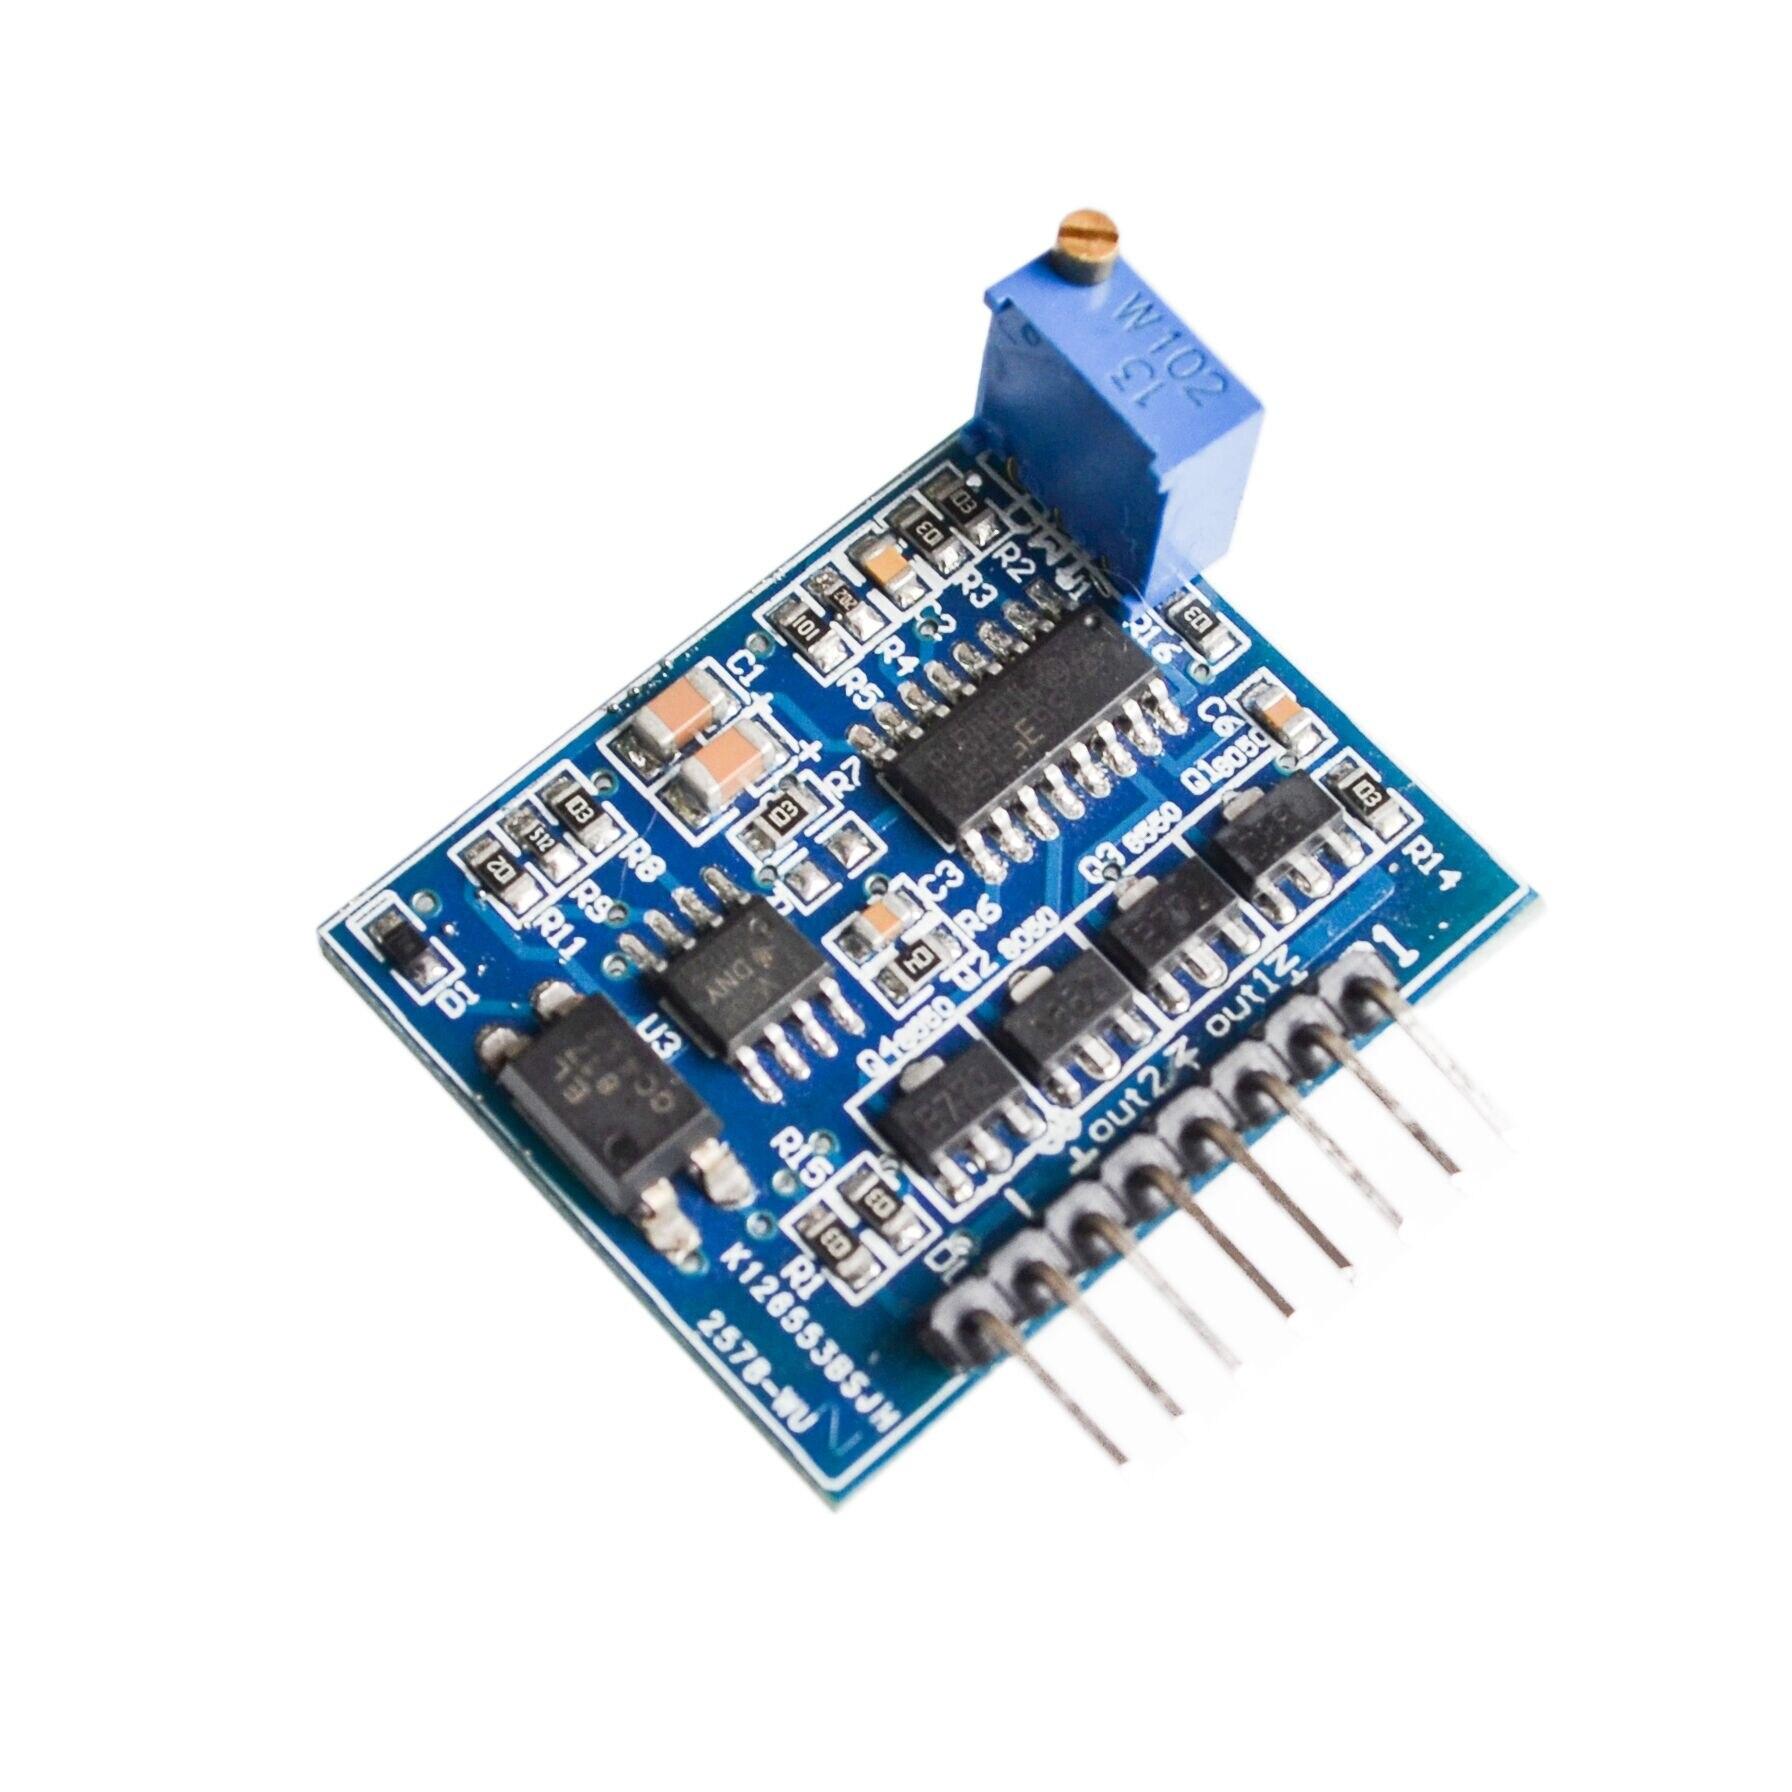 Плата драйвера инвертора SG3525 LM358, 12-24 В, модуль преобразователя микшера, Регулируемая частота, 1 А